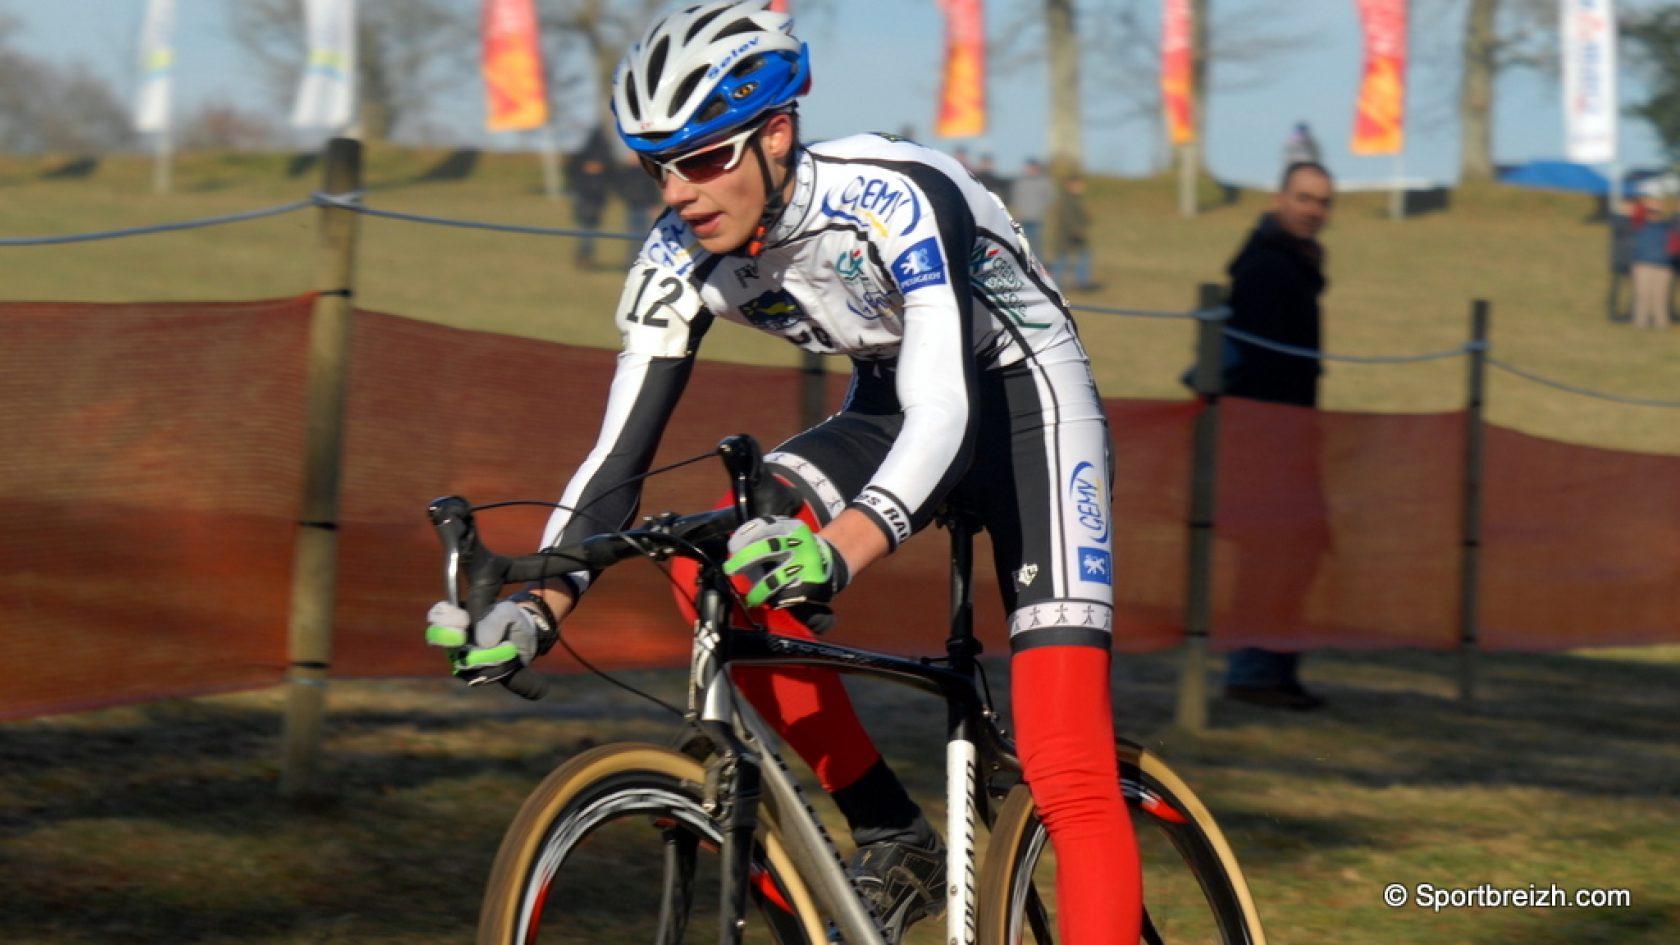 Cyclo Cross Calendrier.Calendrier Cyclo Cross Bretagne Saison 2009 2010